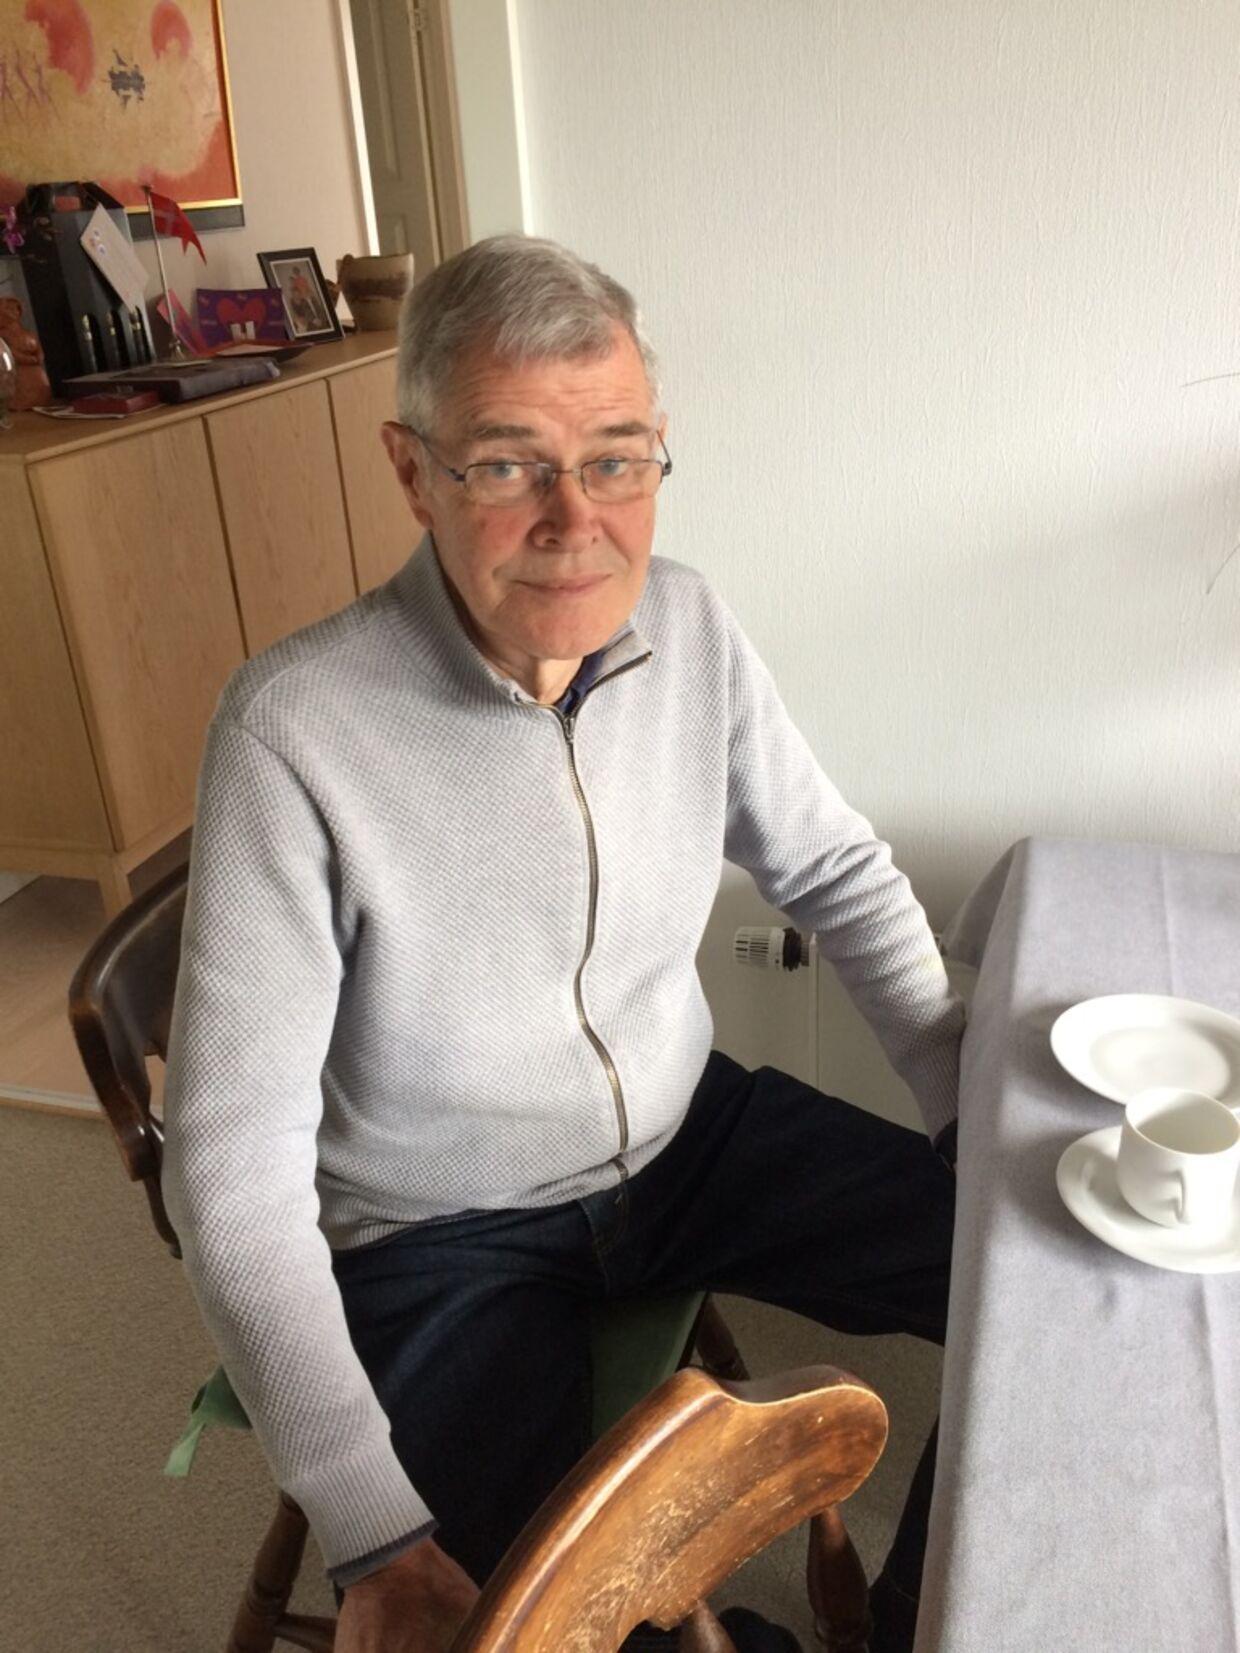 Poiltiet beder om hjælp til at finde 75-årige Jørgen.